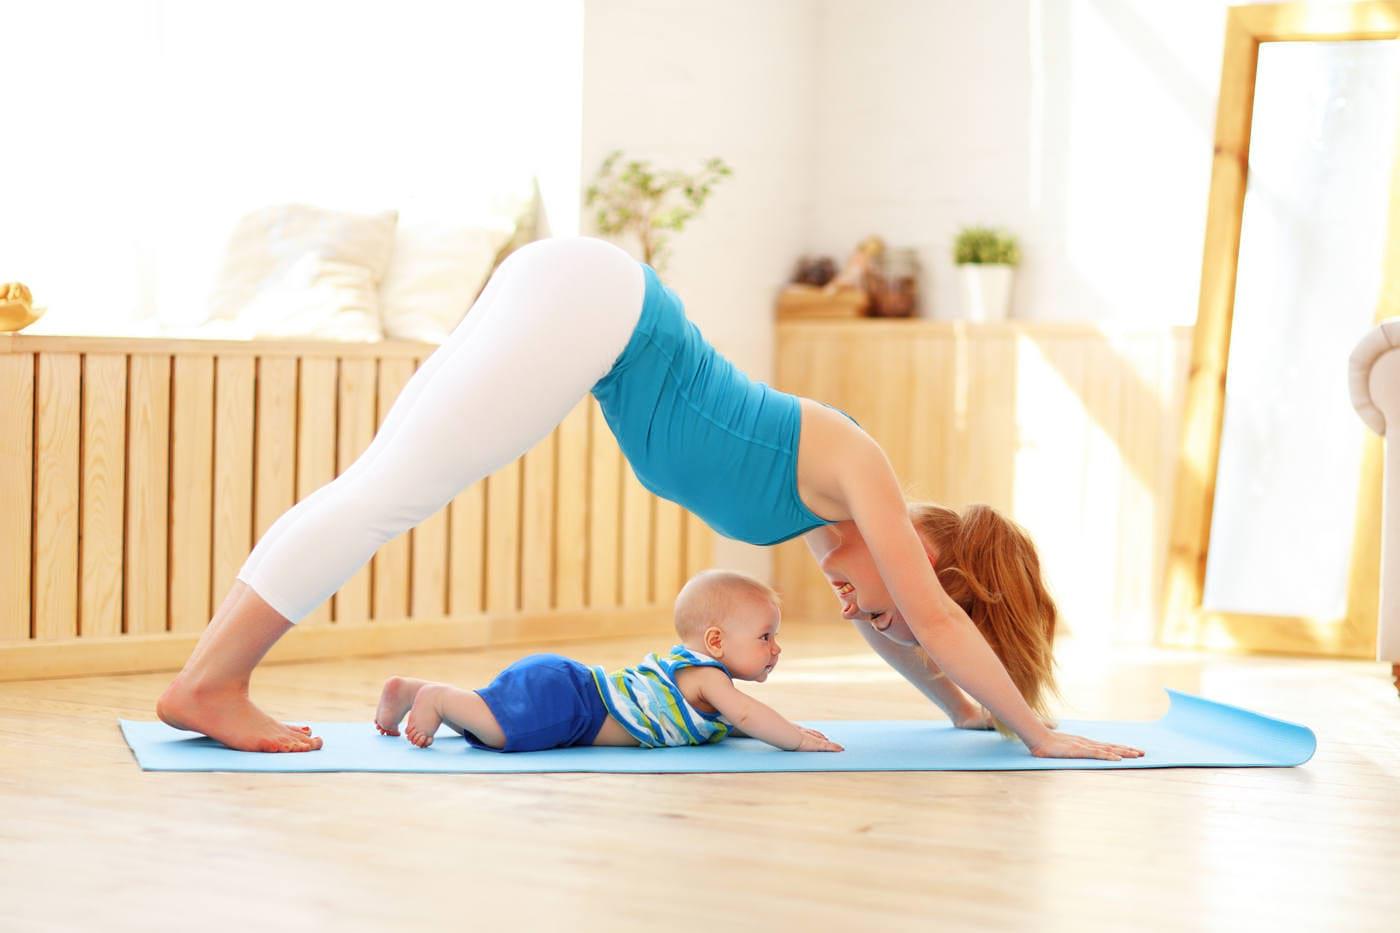 Alăptare: exercițiile fizice influențează calitatea laptelui matern [studiu]